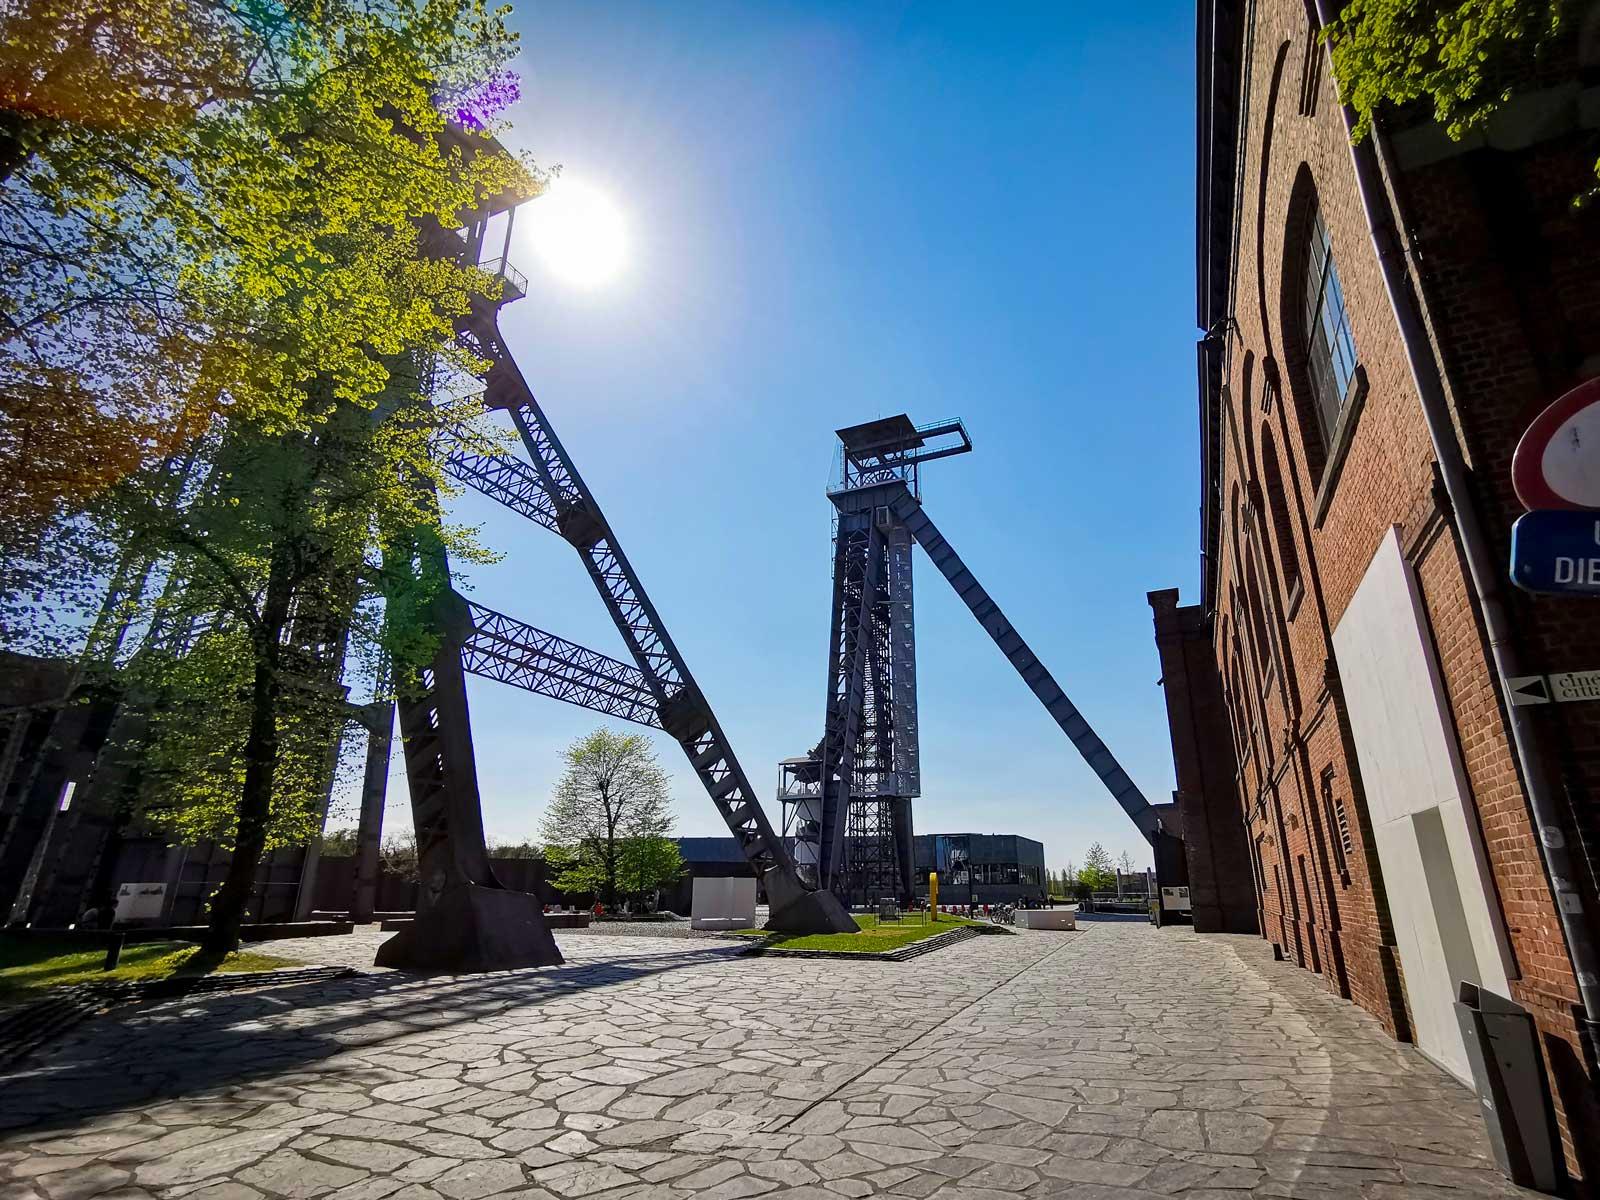 C-mine är en före detta kolgruva i Genk som numera är ombyggt till kulturcenter och bostäder.